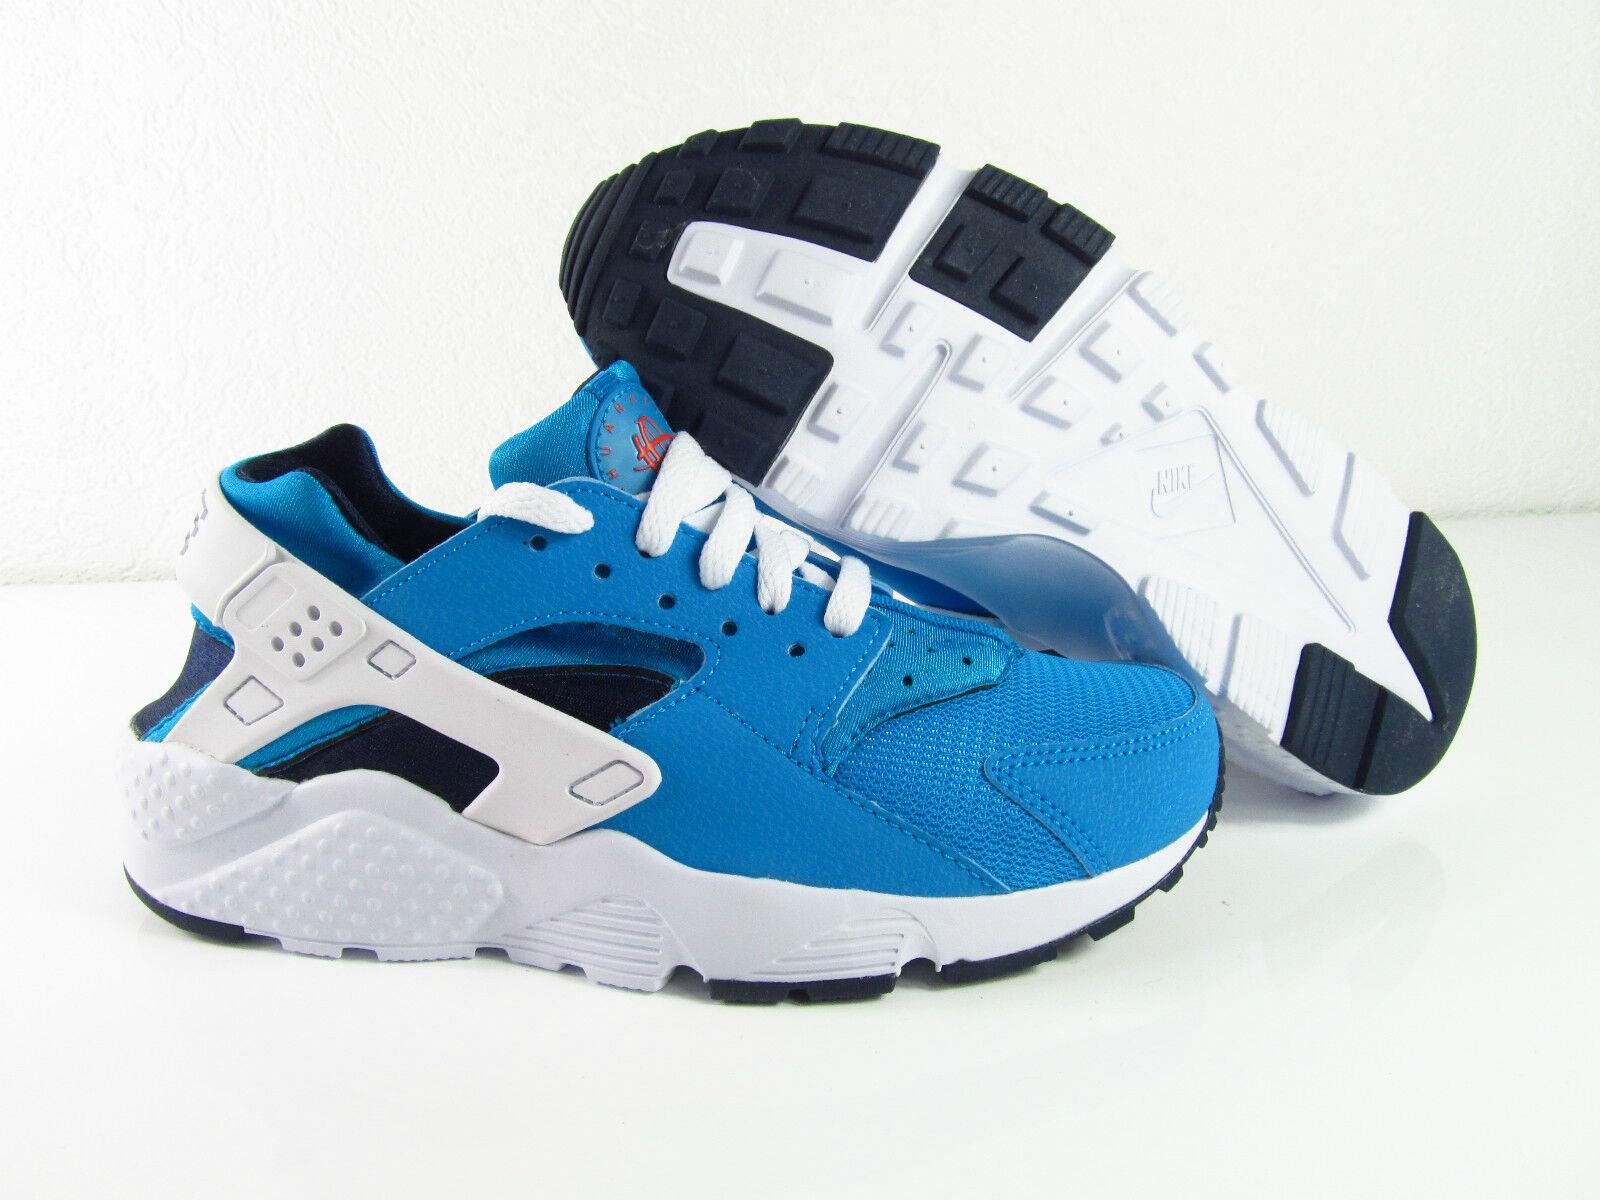 Nike Air Huarache Run Blue Lagoon White Mid Navy Sneaker Eur 38 / 39